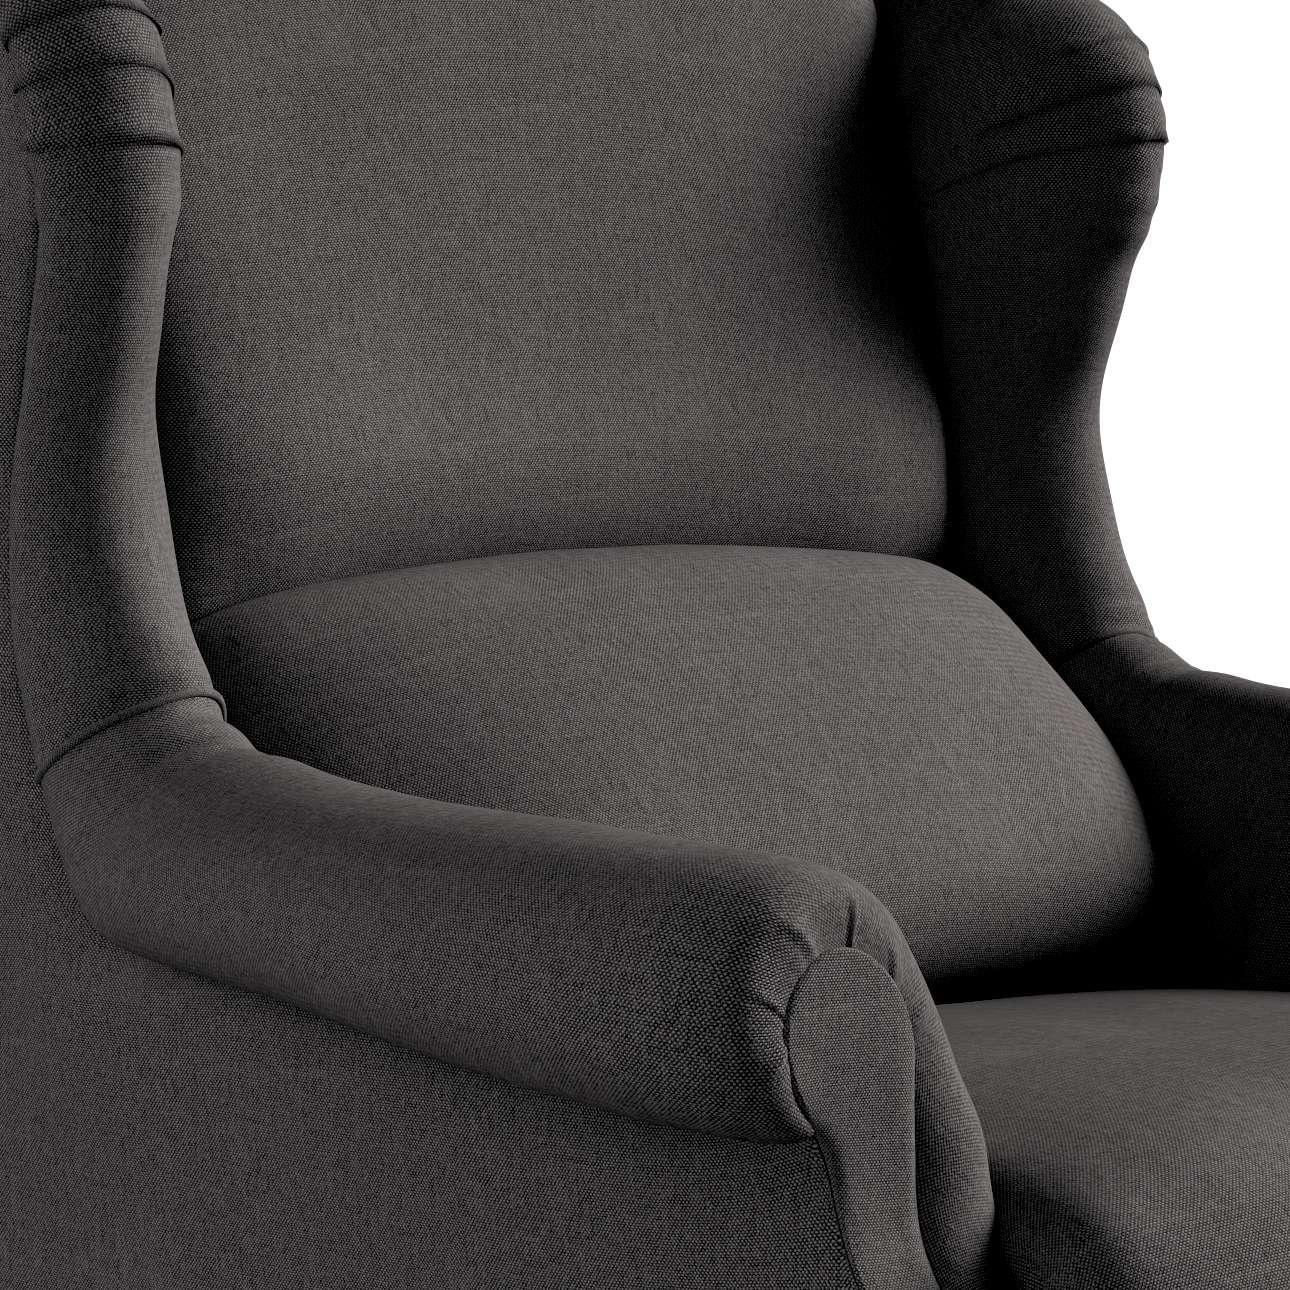 Sessel von der Kollektion Etna, Stoff: 705-35